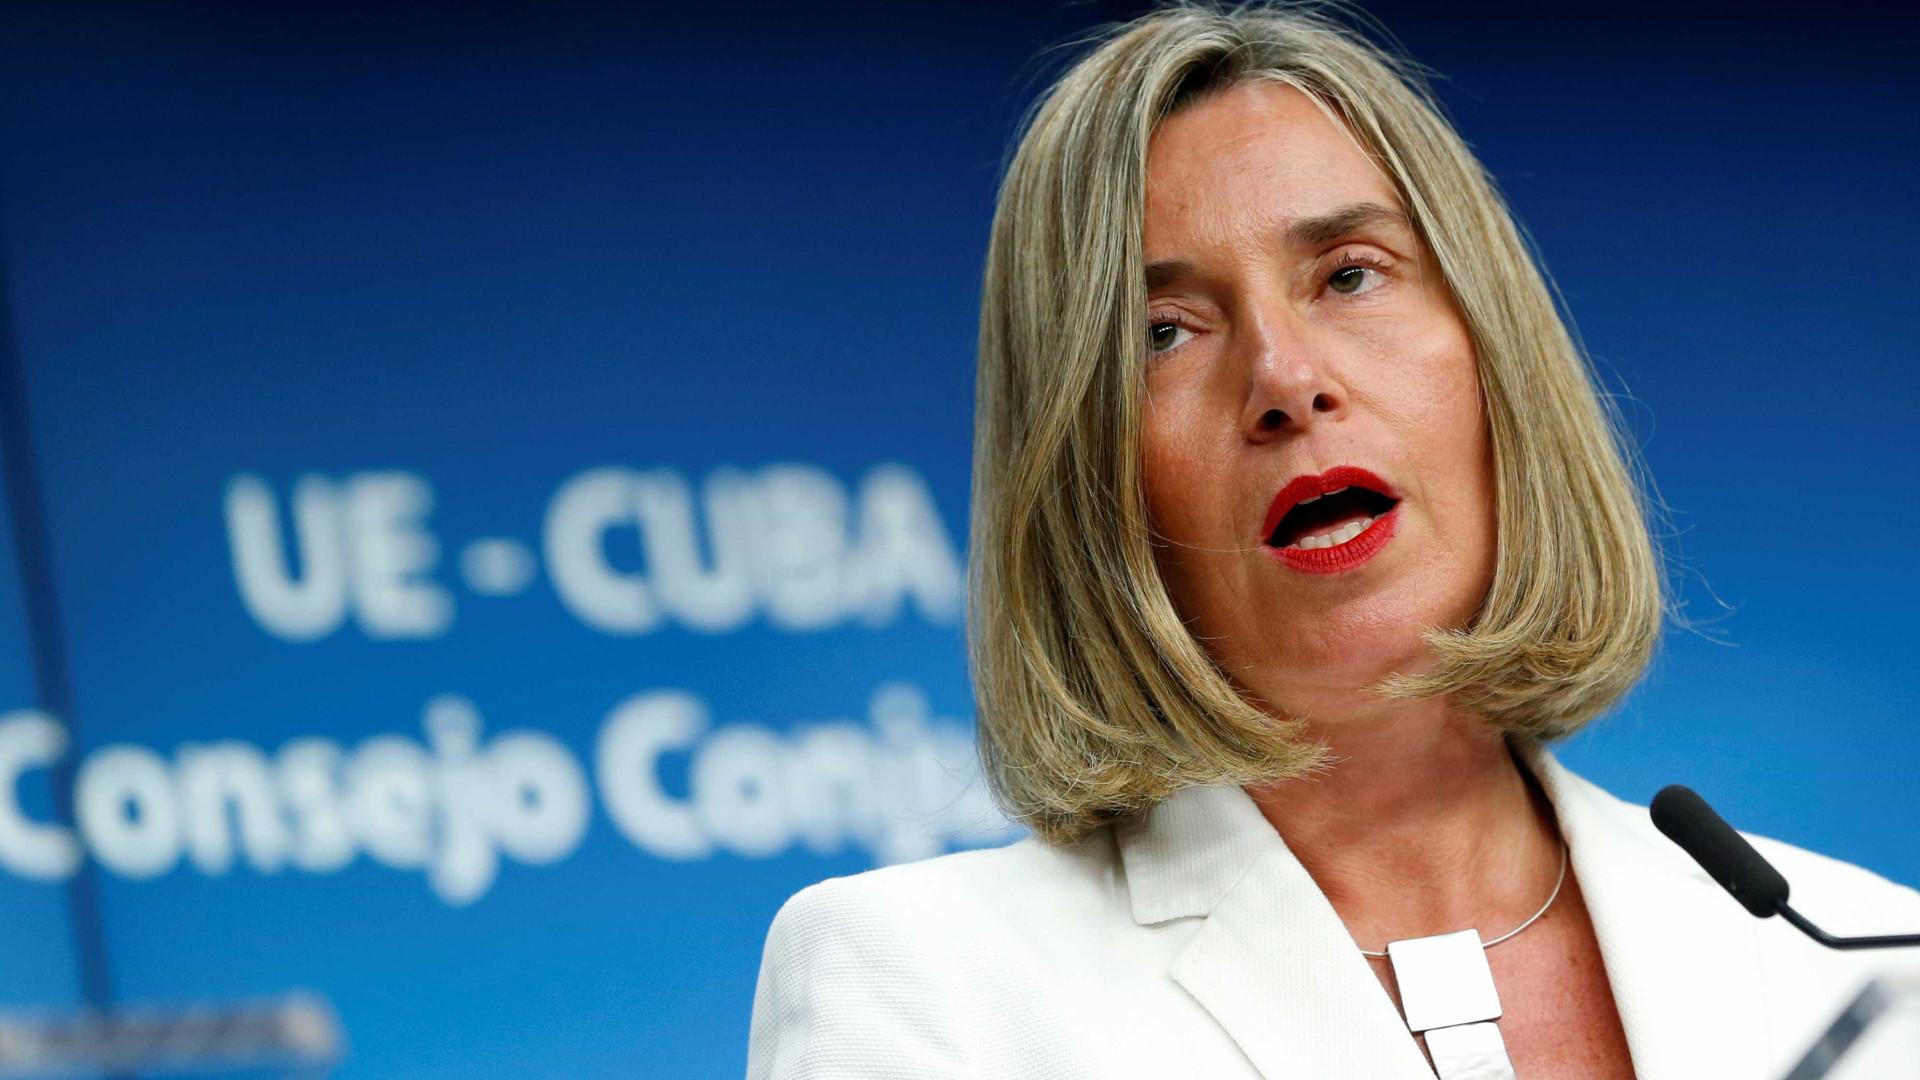 UE se diz determinada a 'salvar' acordo nuclear com Irã